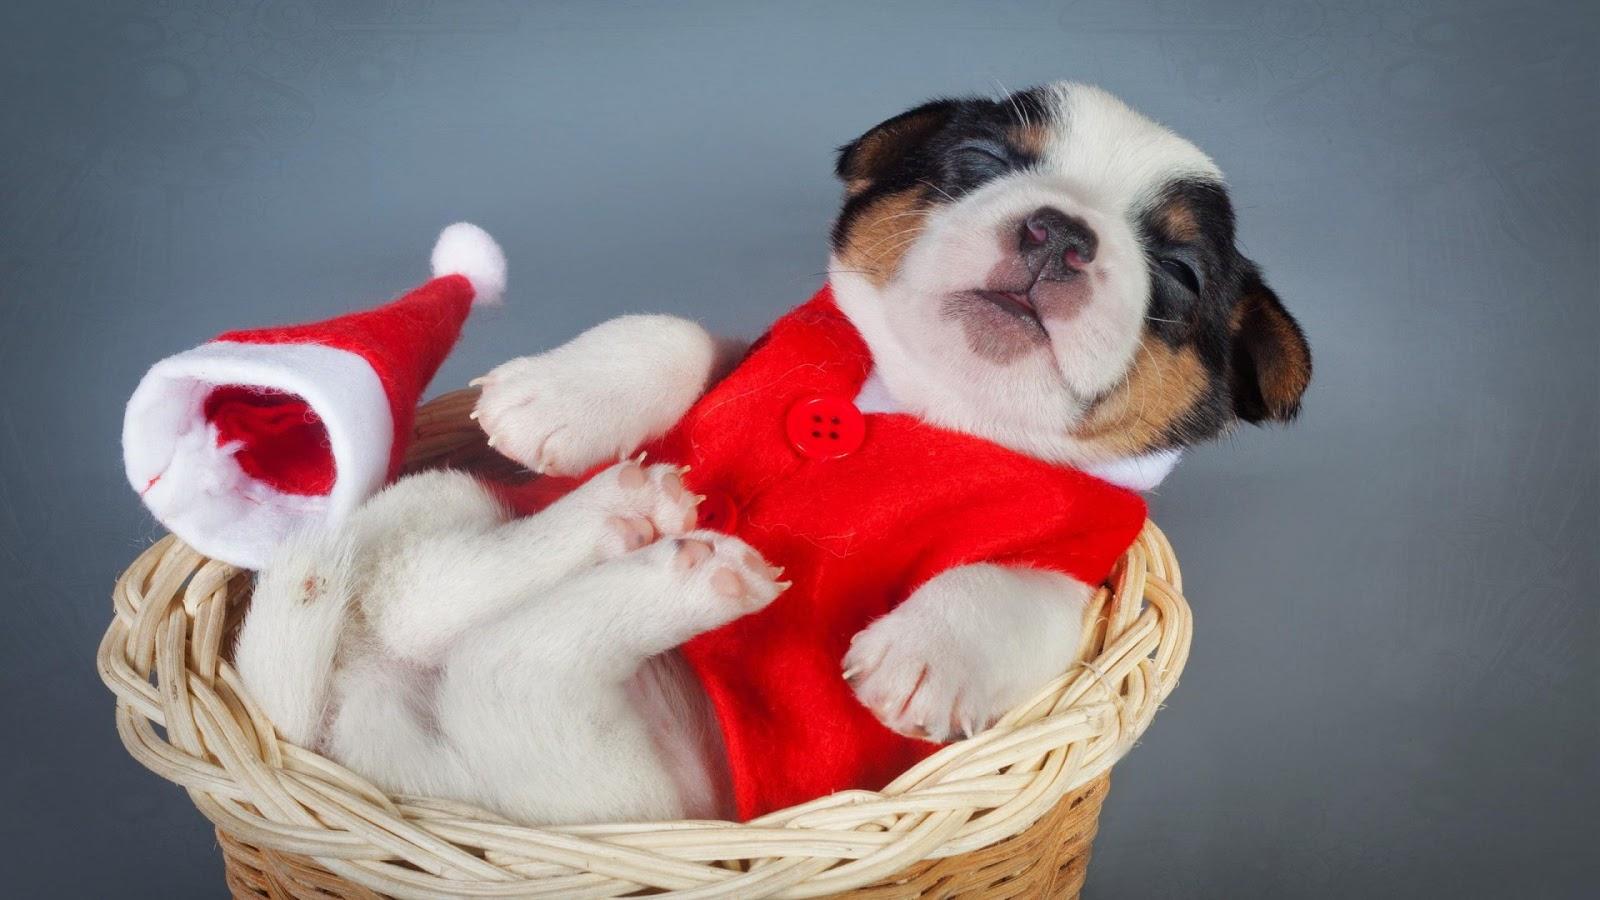 Jack Russell Terrier Cute Puppies Wallpaper Fondo De Pantalla Perros 1920x1080 Fondos De Pantalla Hd